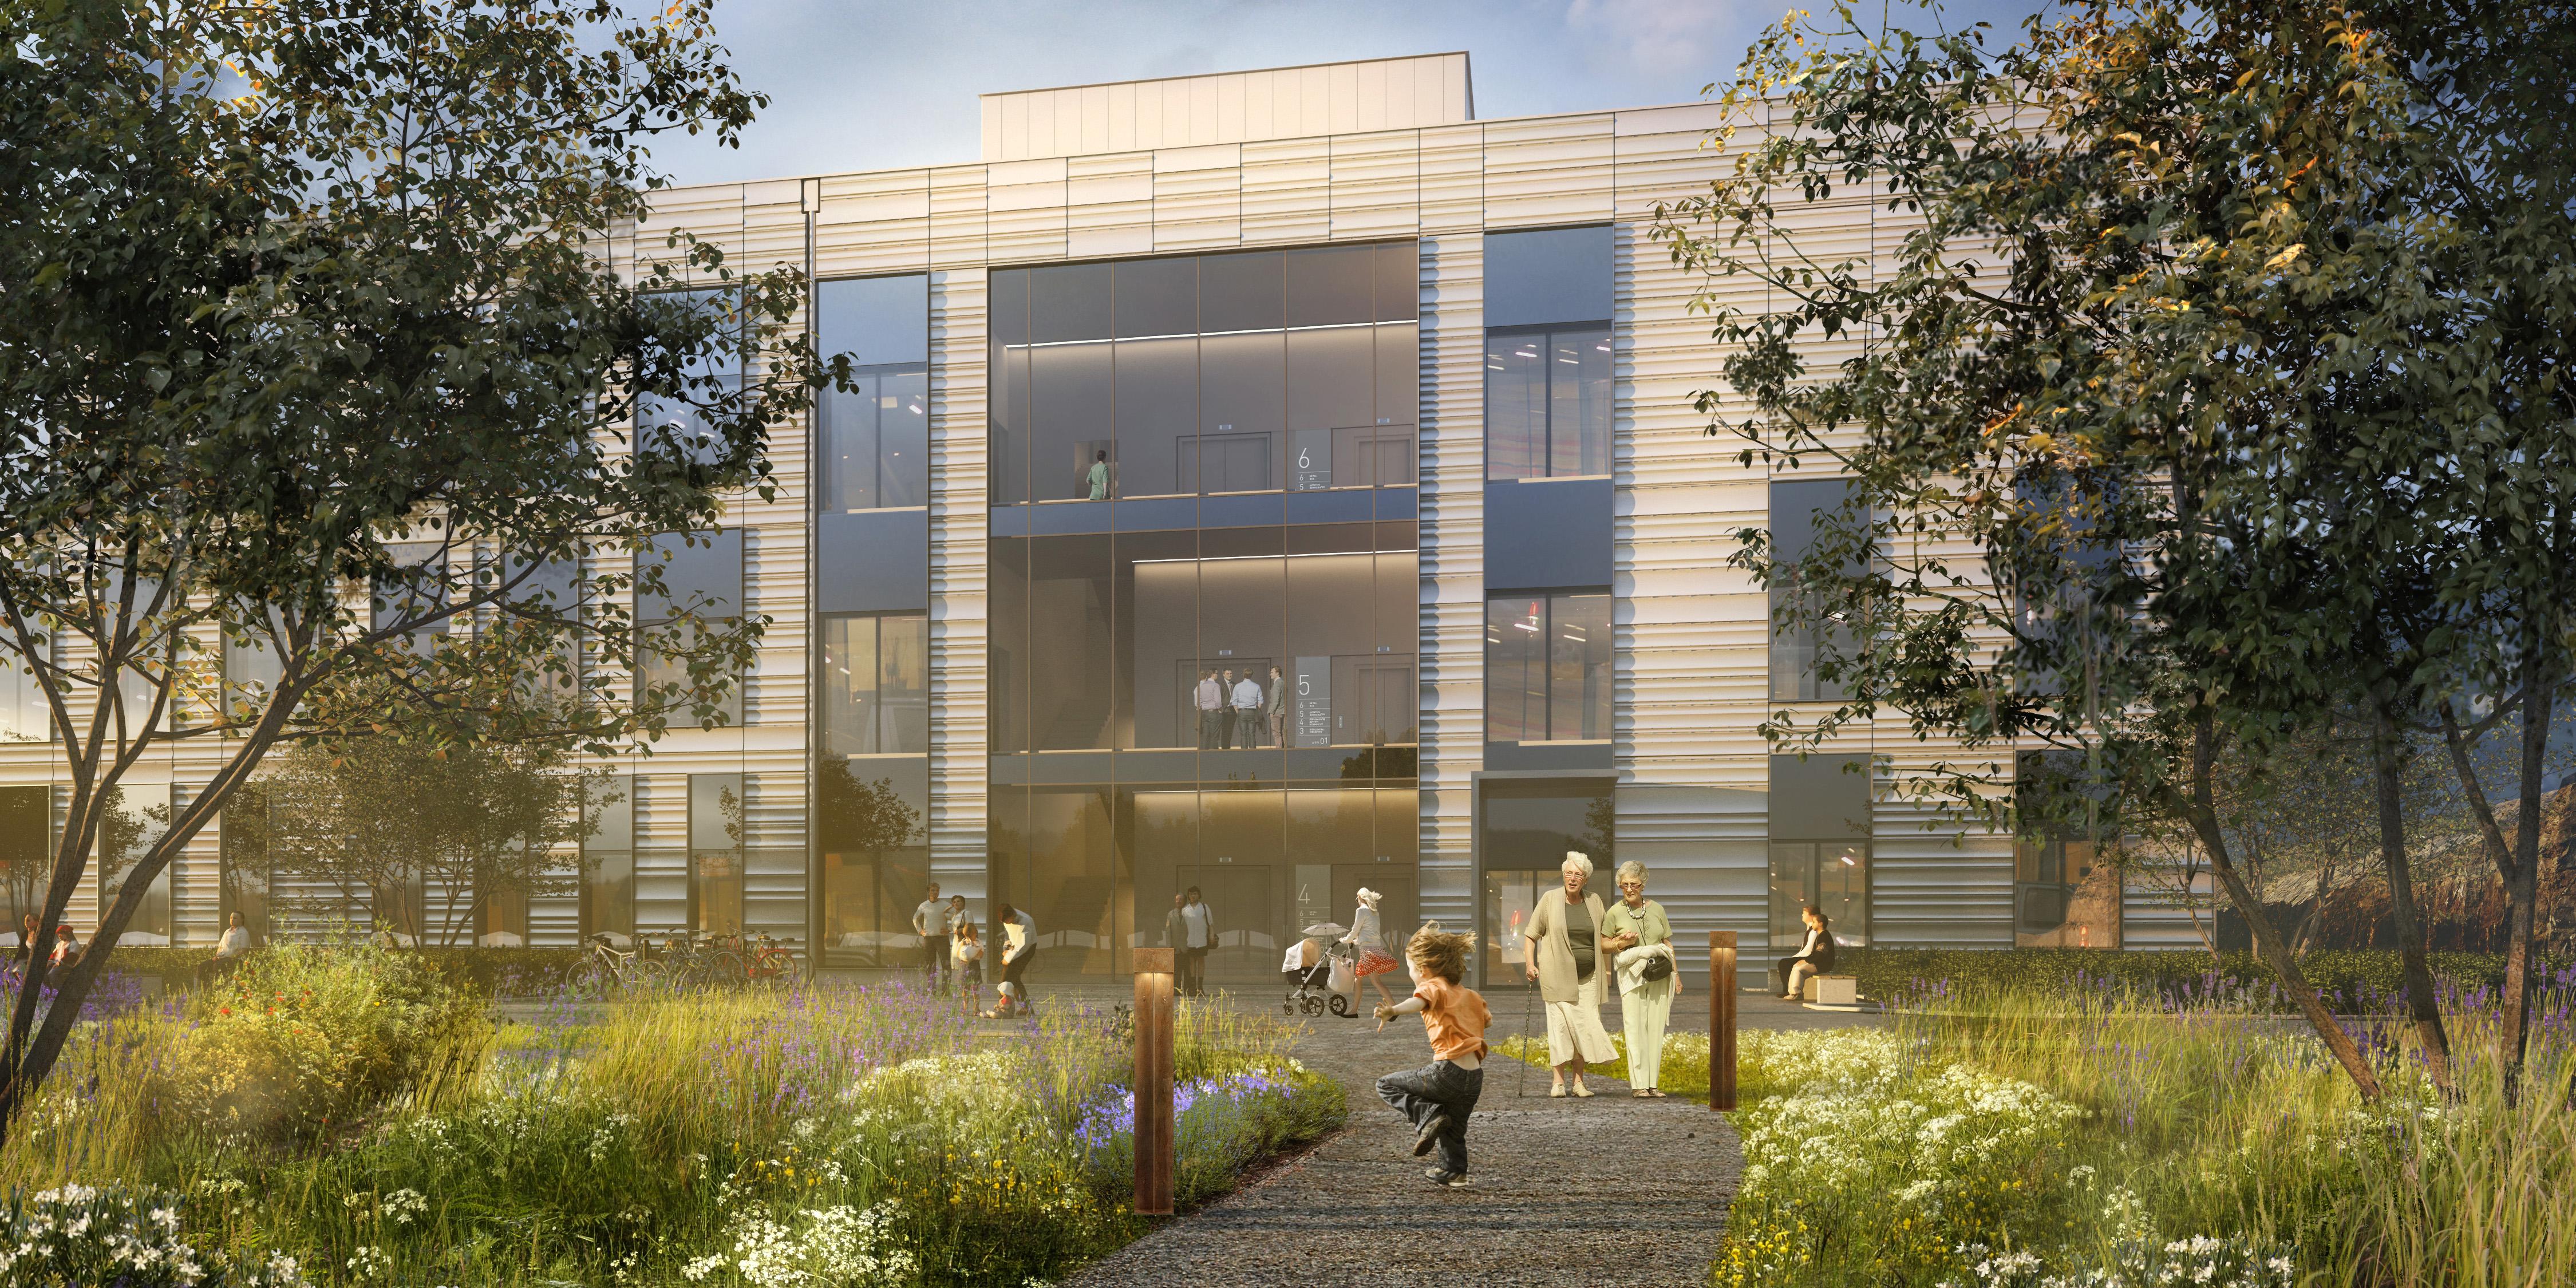 Bilden föreställer en illustration av Karolinska Universitetssjukhuset Huddinge där man ser trapphuset och sjukhusets trädgård utanför.